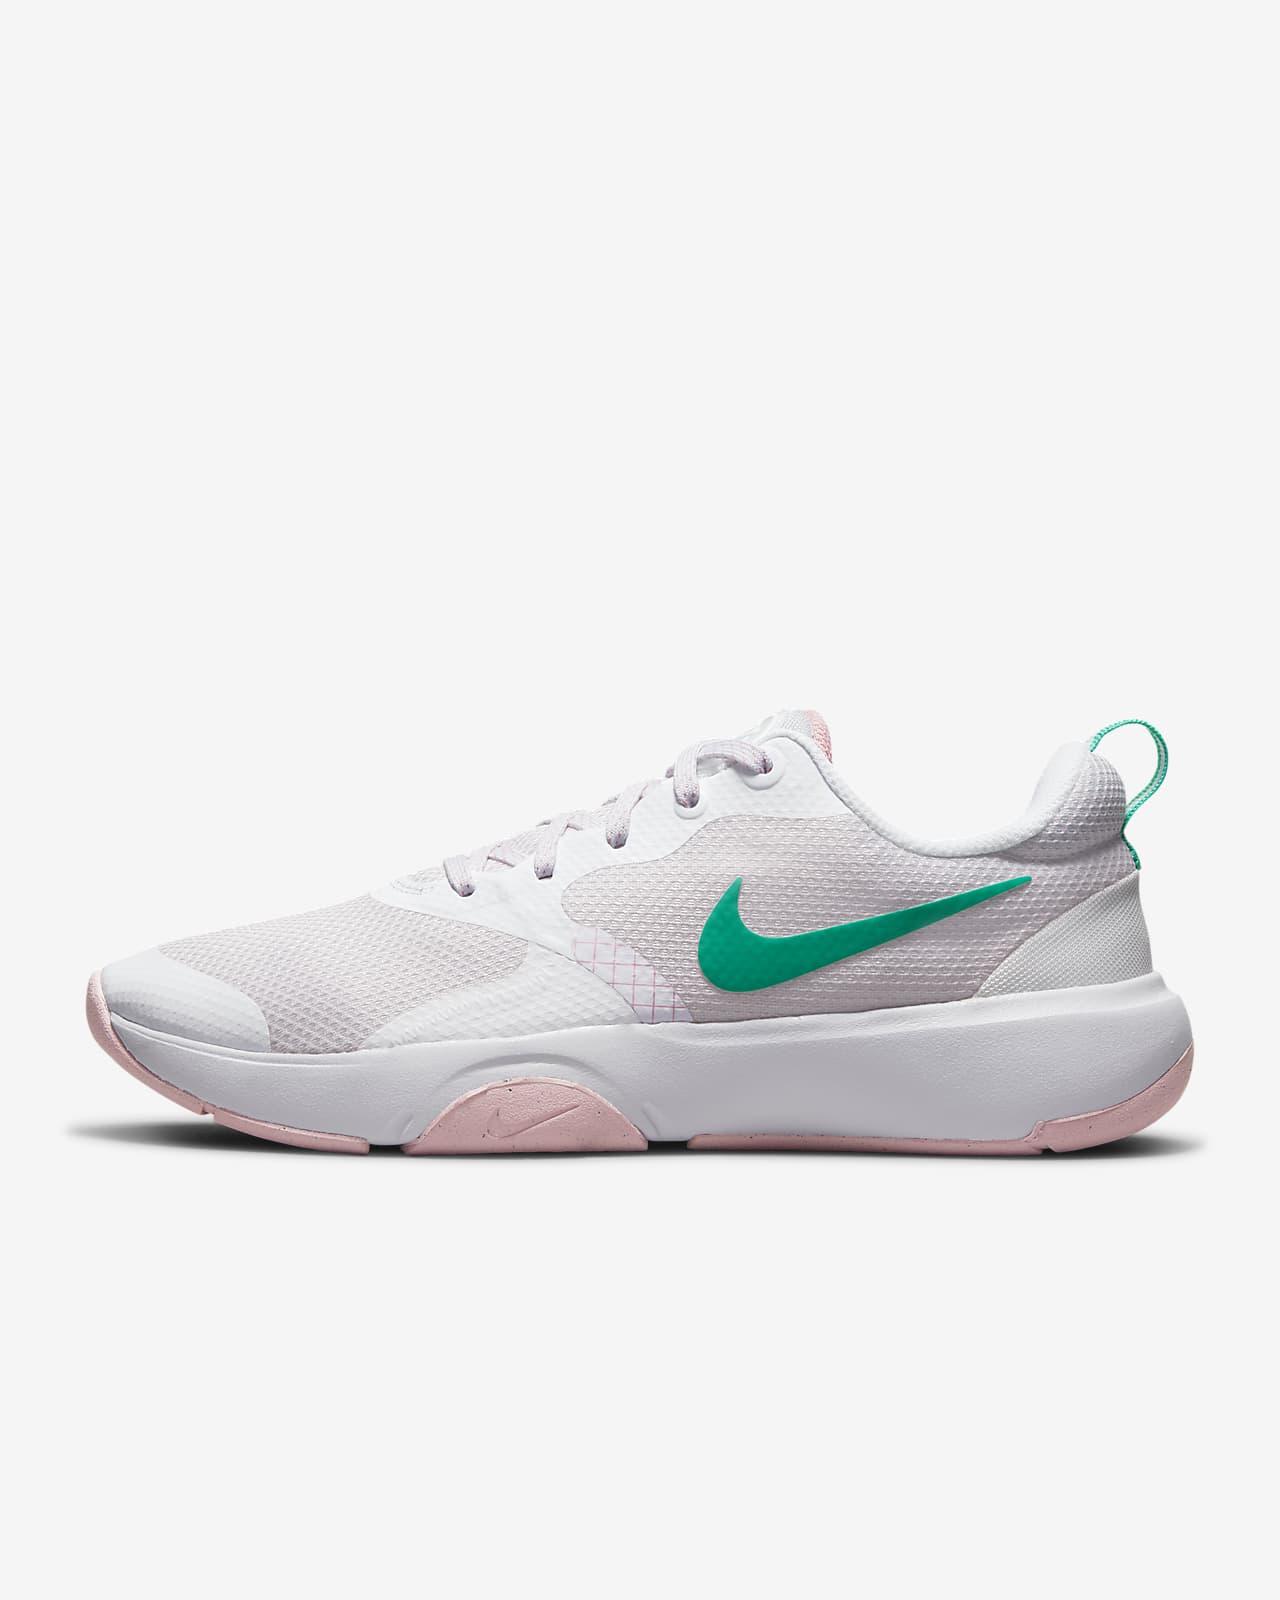 รองเท้าเทรนนิ่งผู้หญิง Nike City Rep TR